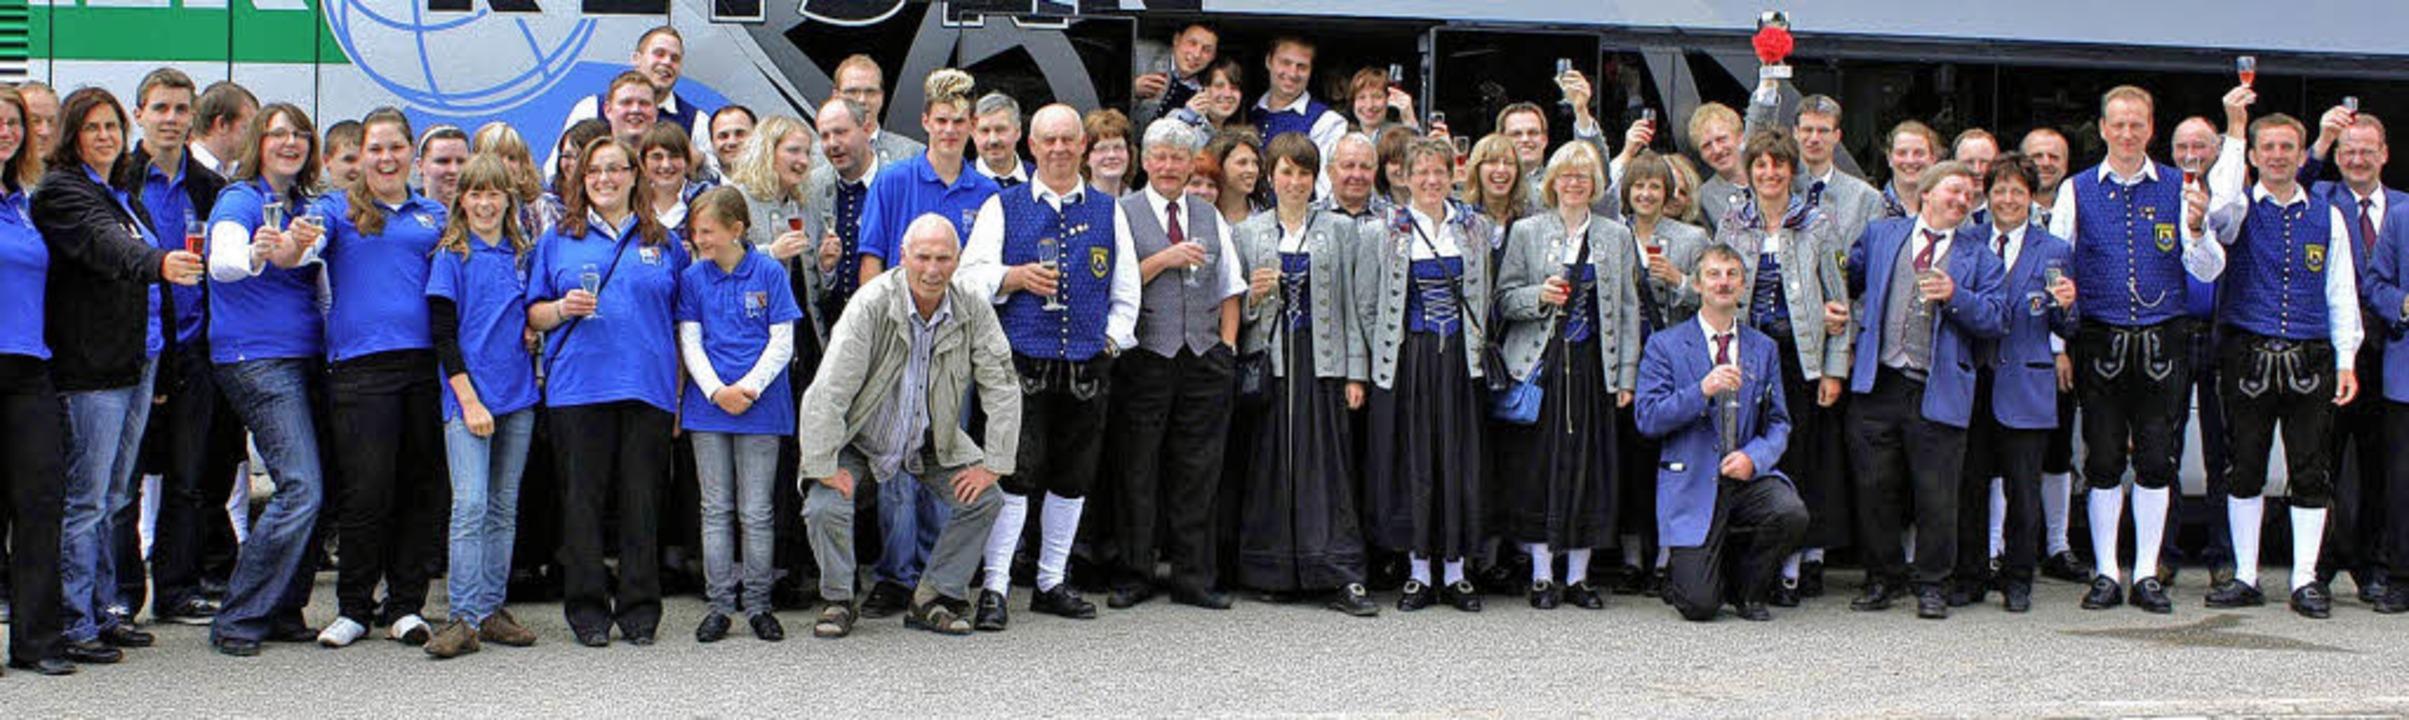 Prosit: Herzlich war das Zusammentreff...hrem Frühschoppenkonzert begeistert.      Foto: heiner Fabry